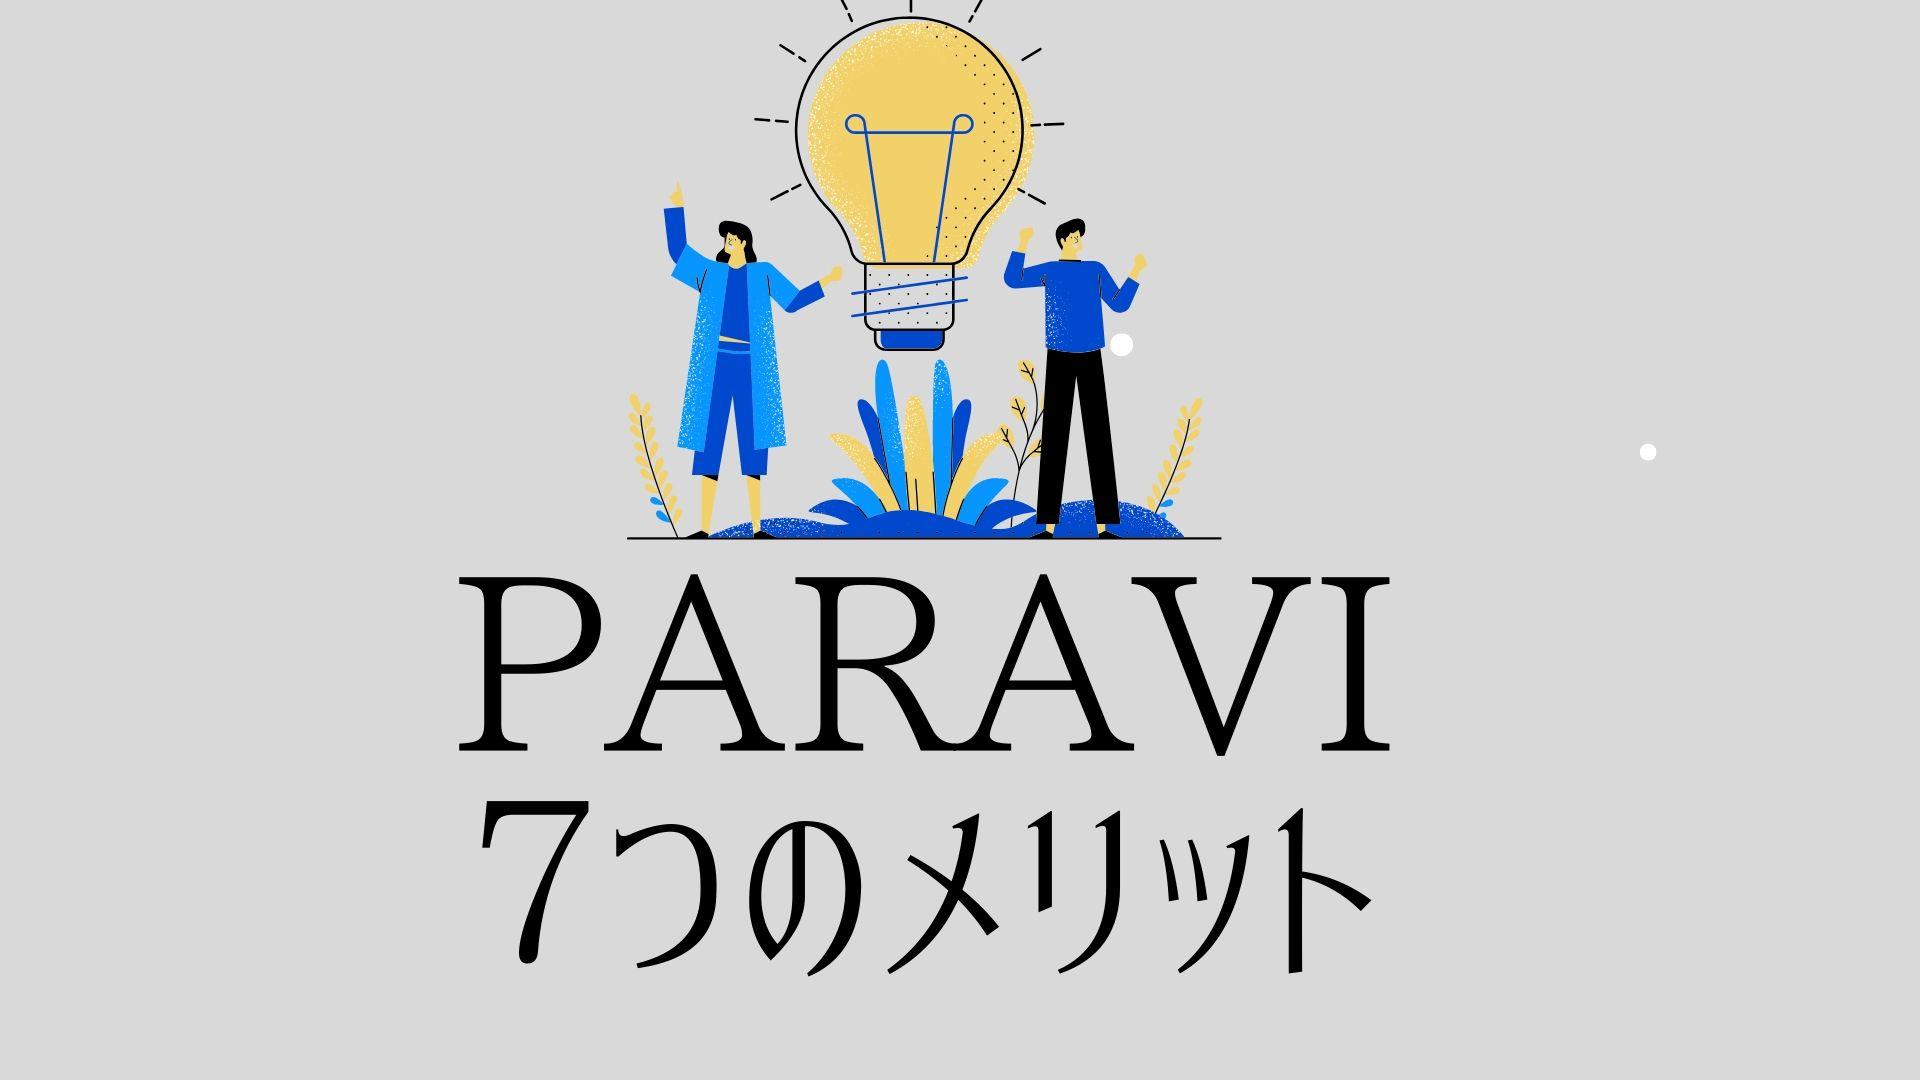 Paravi 7つのメリット